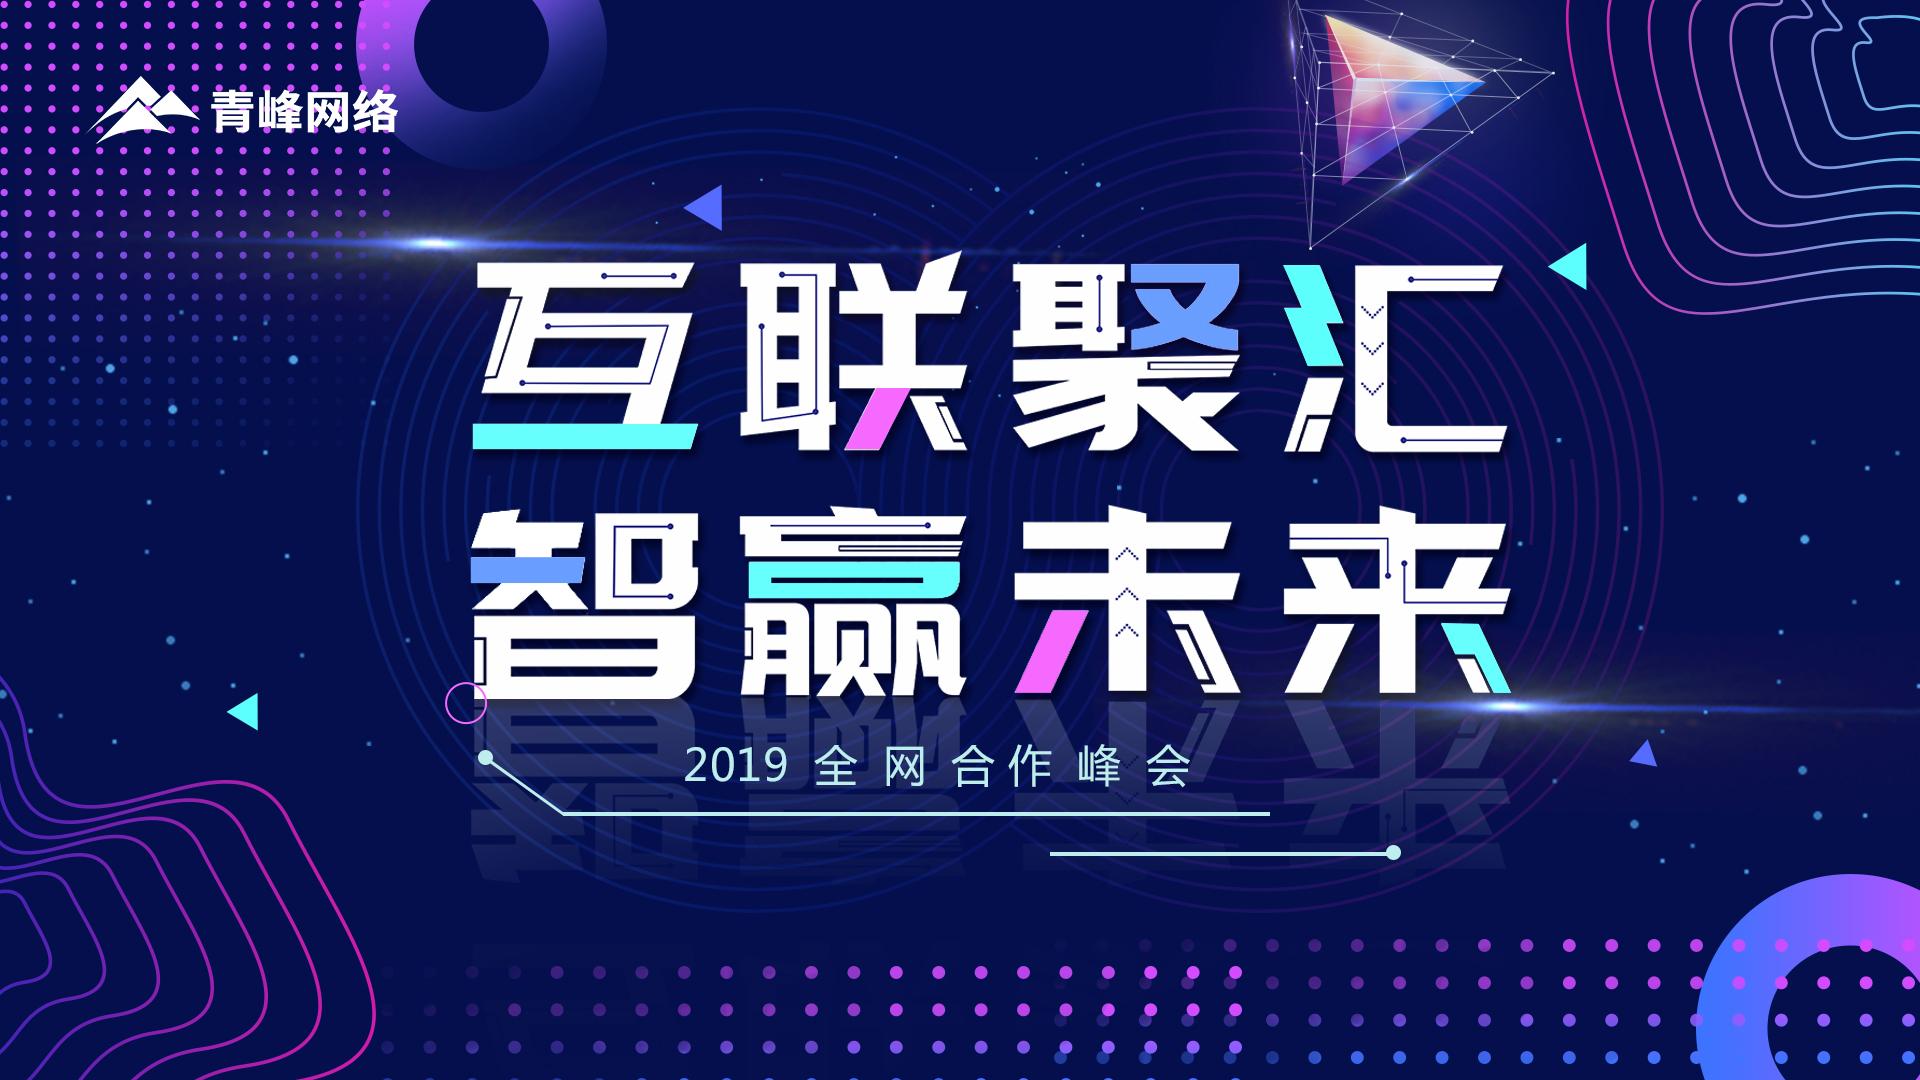 """""""互联聚汇 智赢未来""""2019全网合作峰会圆满成功!"""